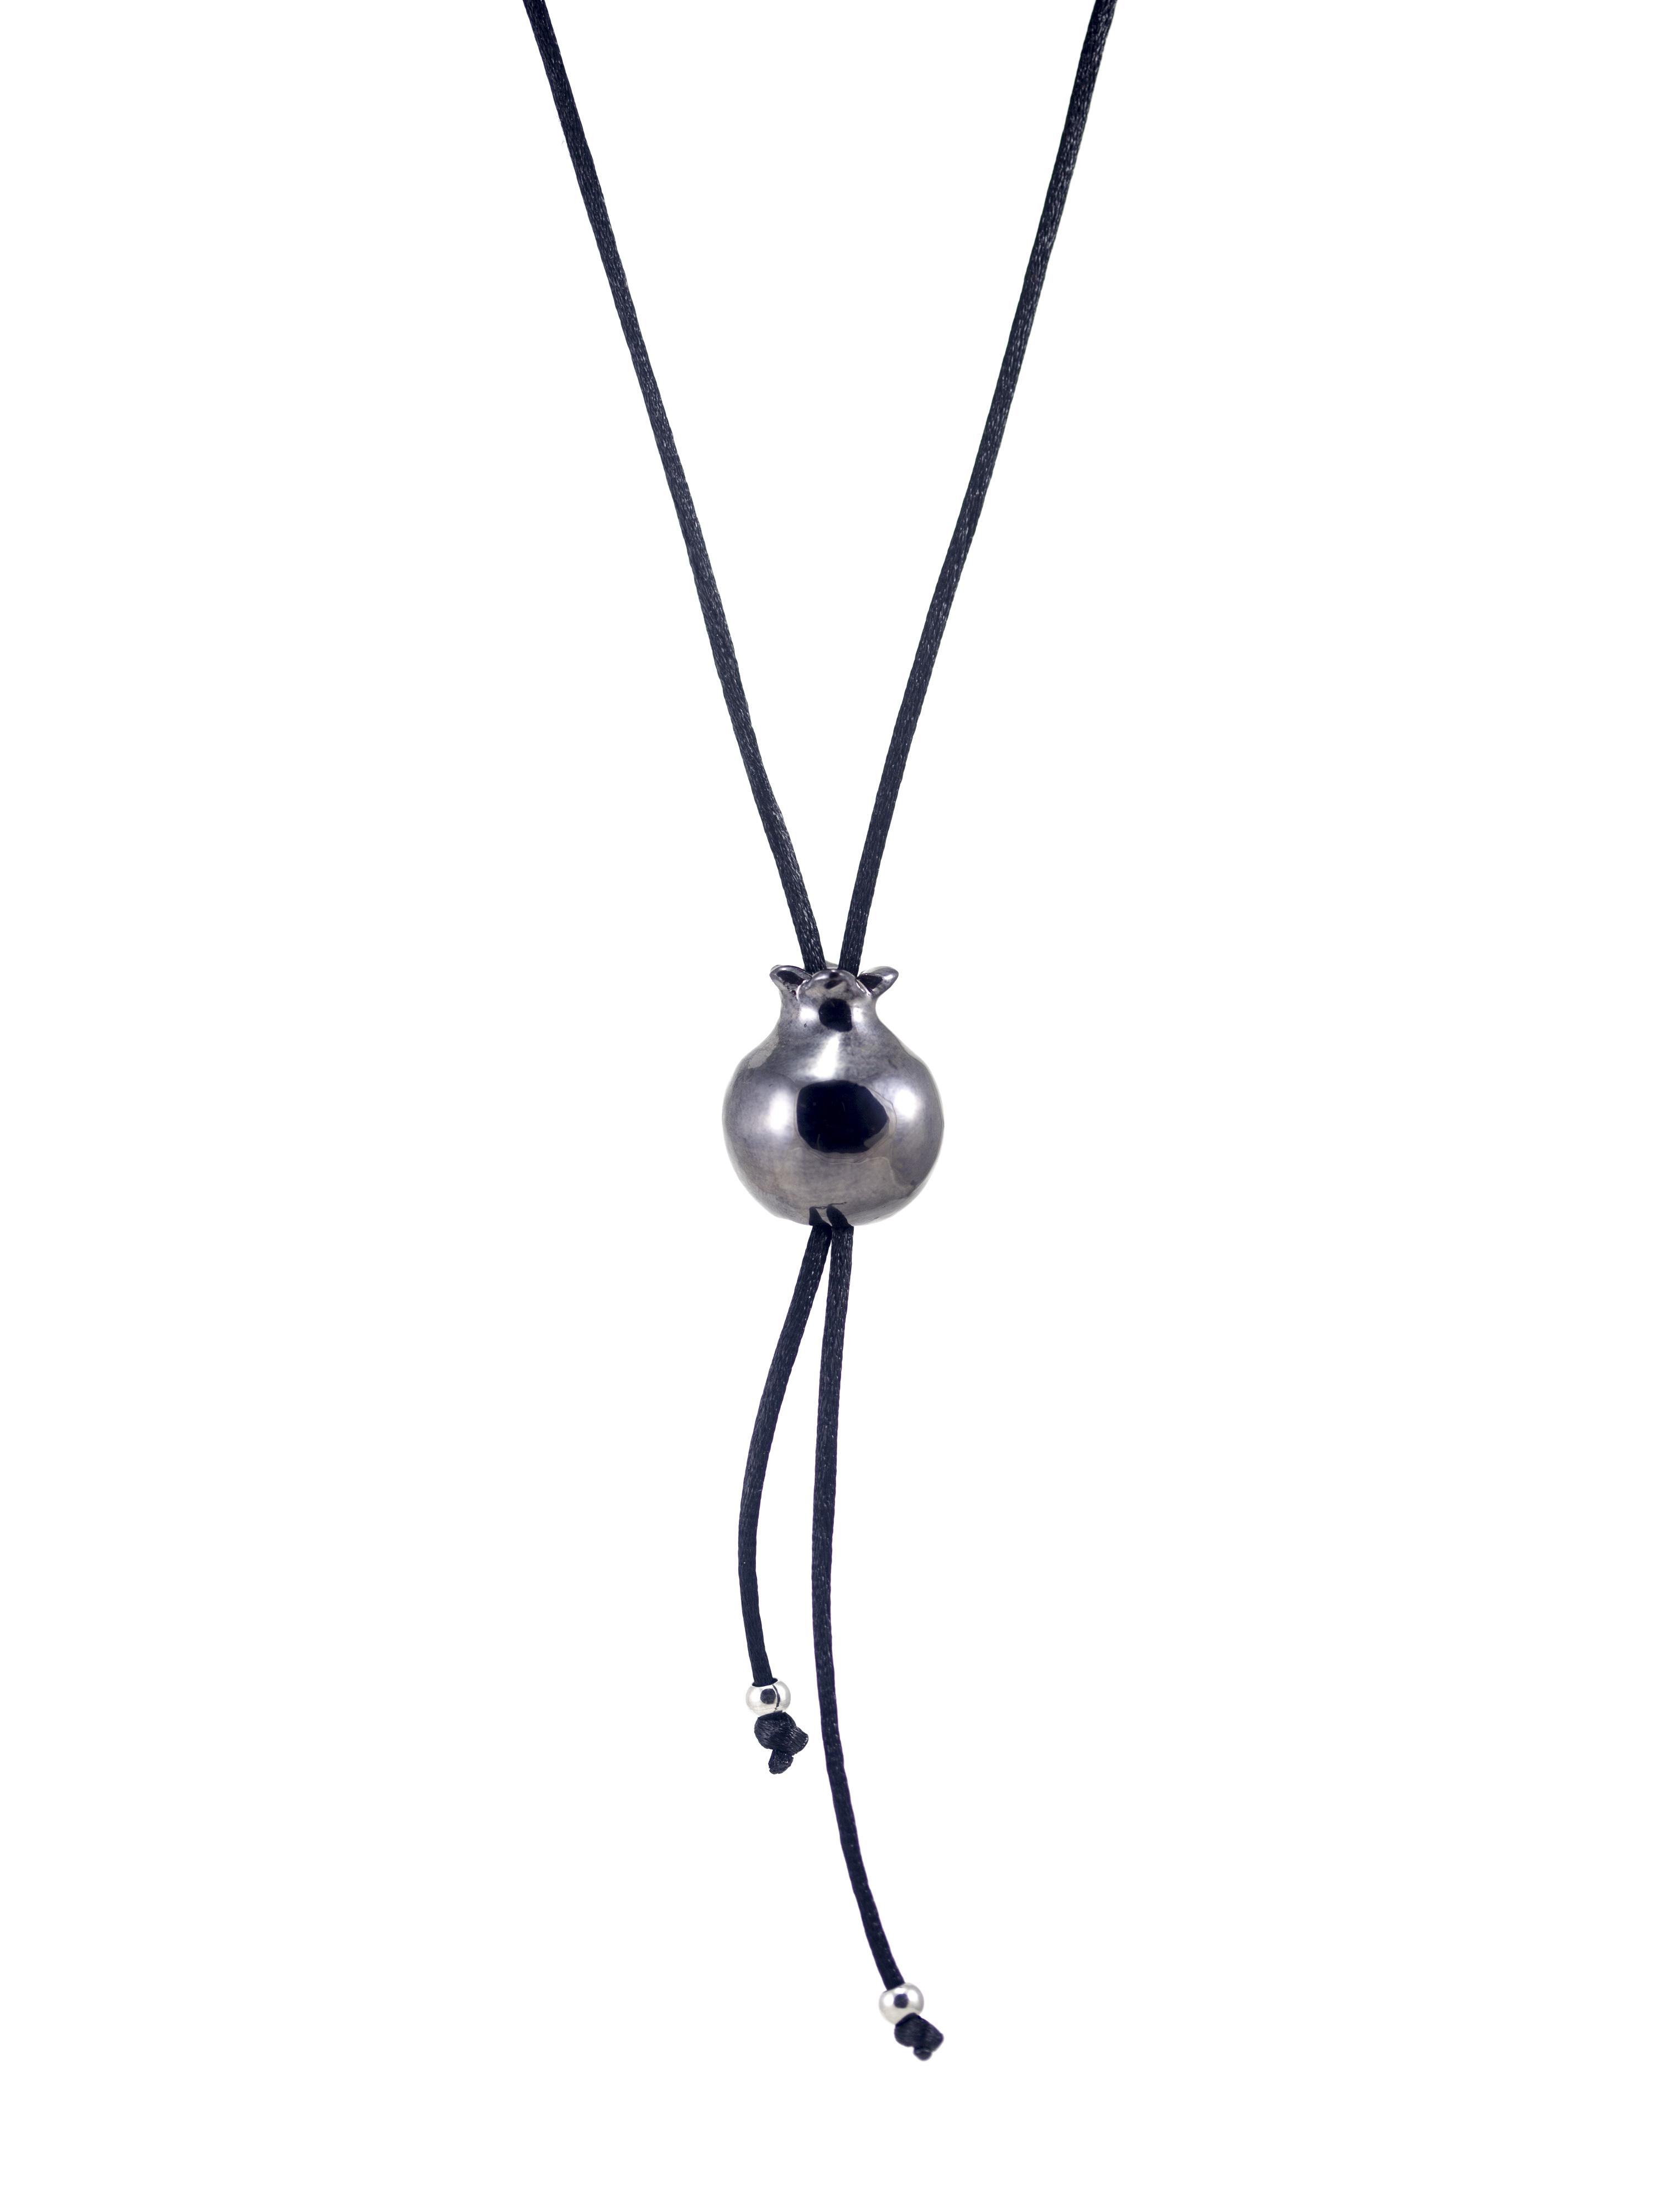 Immagine di minimelagrana gioiello portafortuna collana artigianale con ciondolo fatto a mano in ceramica a forma di piccola melgrana Colore nero su sfondo bianco.